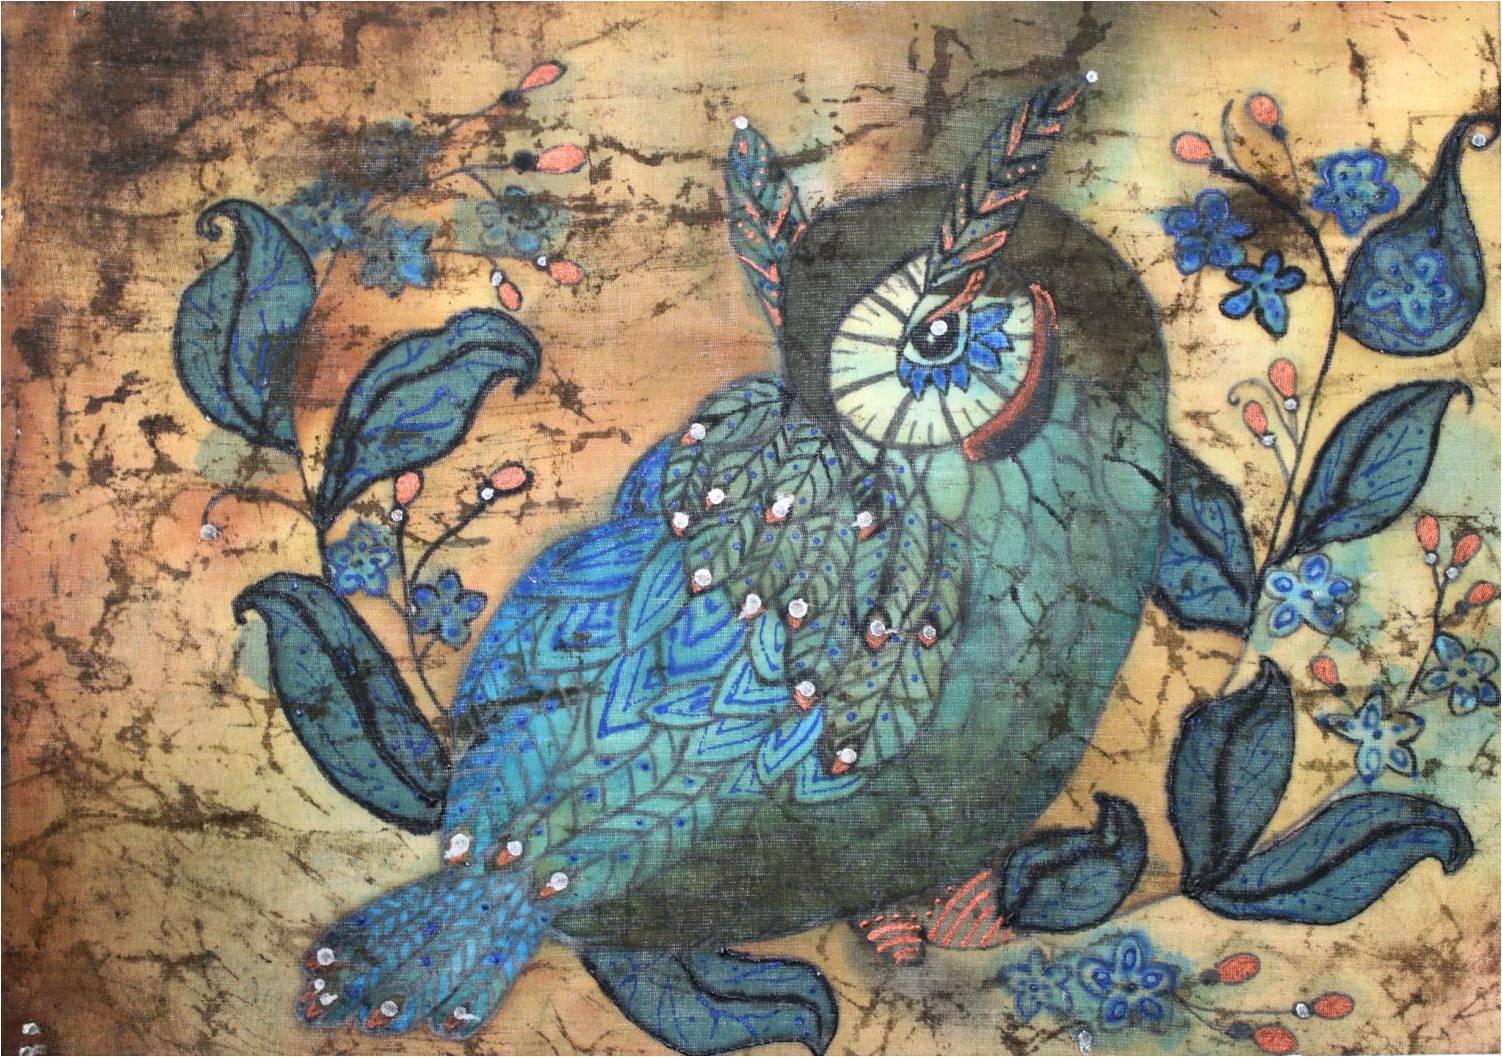 Мартынова Алина, 13 лет, за работу «Ястребиная сова»